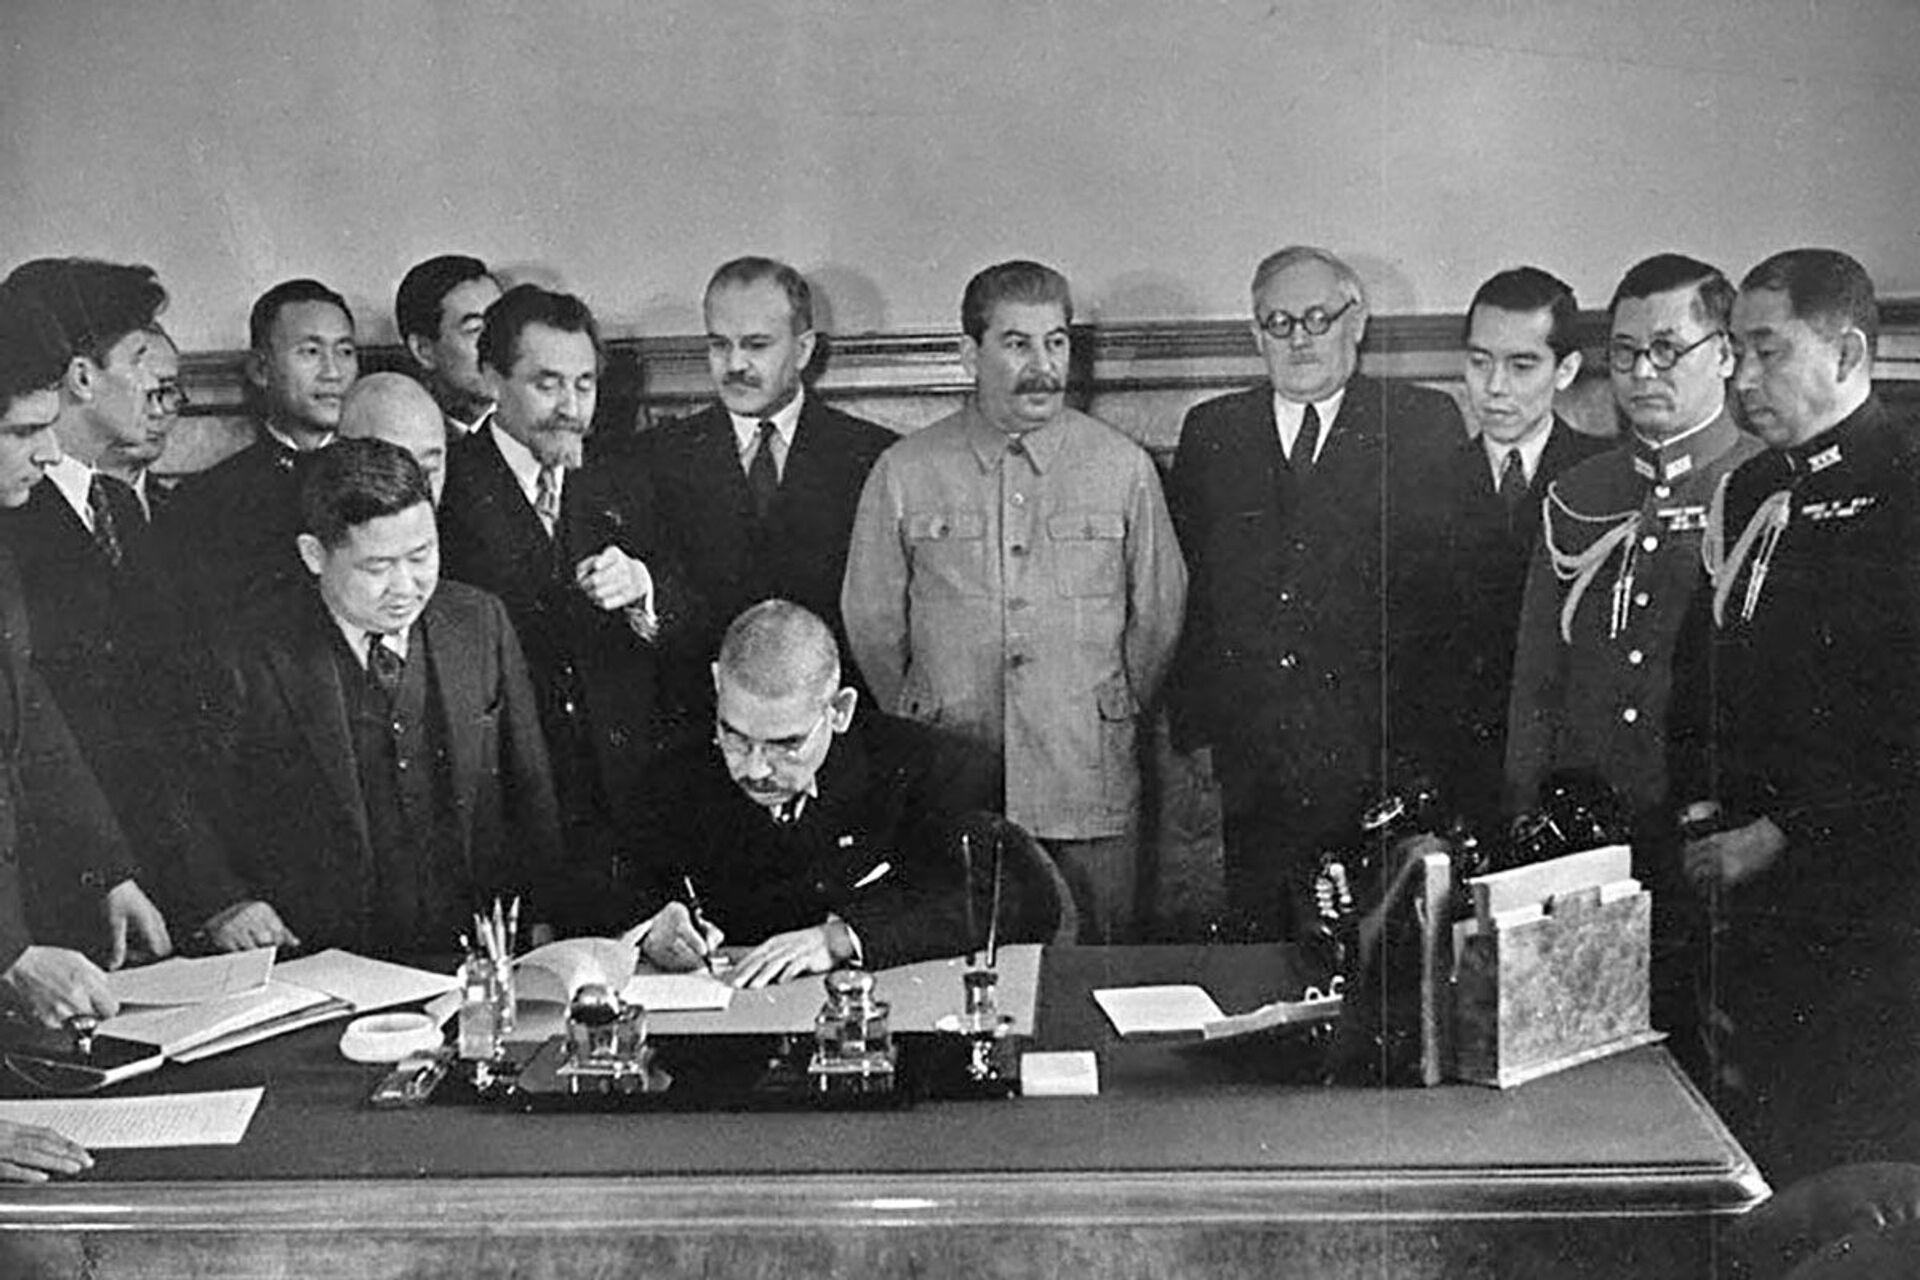 Ngoại trưởng Nhật Bản I. Matsuoka ký Hiệp ước Trung lập giữa Liên Xô và Nhật Bản, ngày 13 tháng 4 năm 1941 - Sputnik Việt Nam, 1920, 05.10.2021